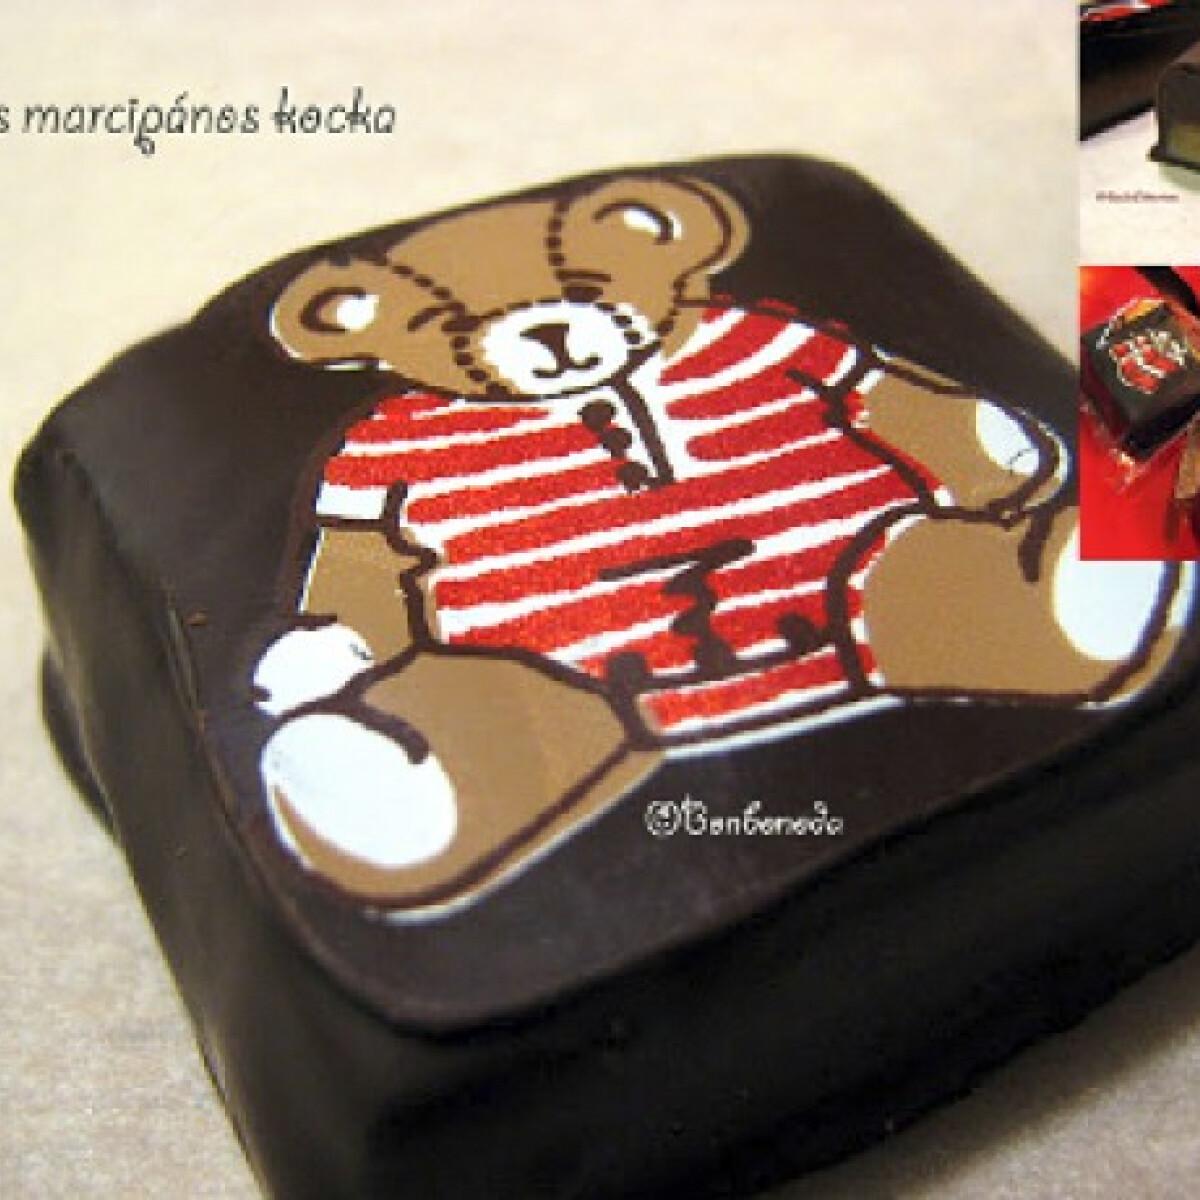 Ezen a képen: Baileys-es marcipános praliné kocka